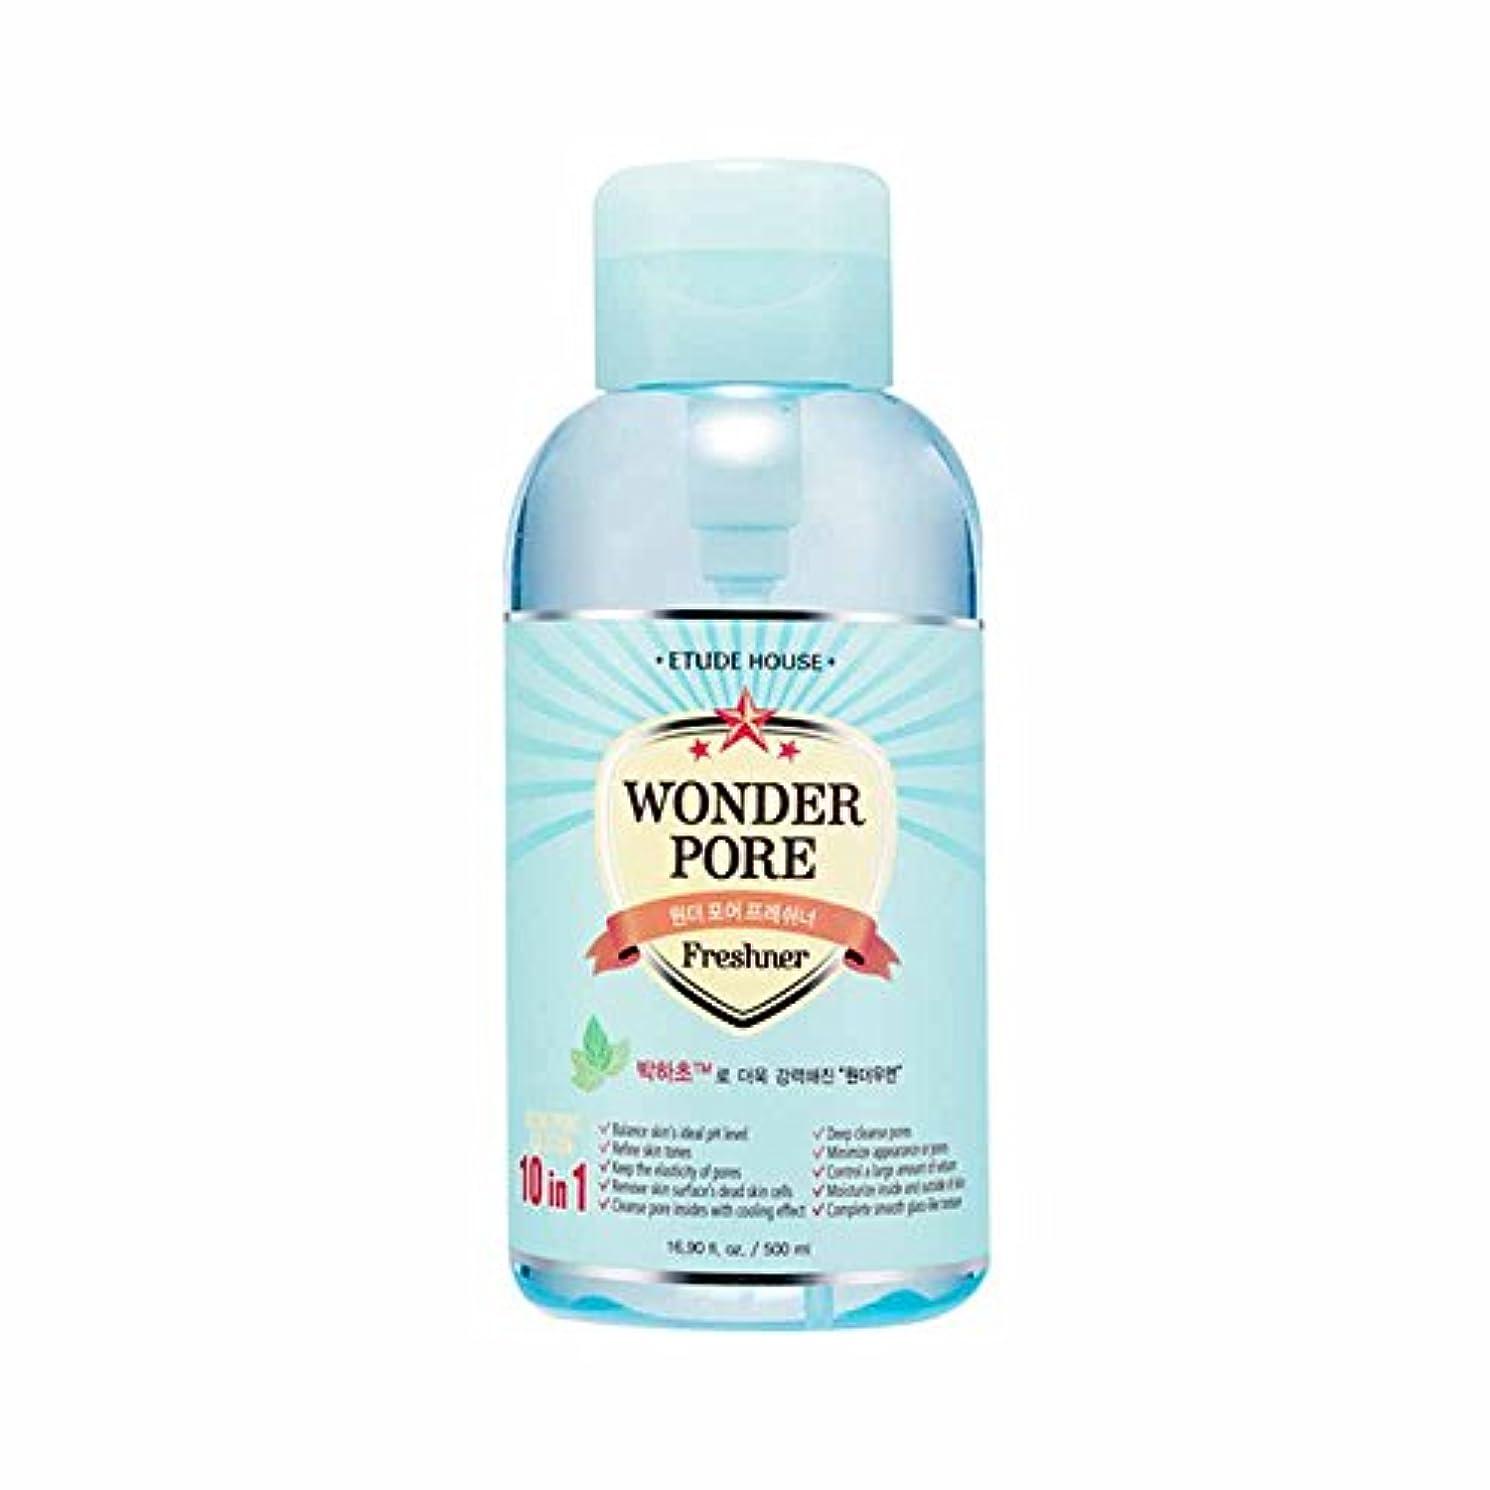 なんでも不正確提案(6 Pack) ETUDE HOUSE Wonder Pore Freshner 10 in 1,500 mL (並行輸入品)